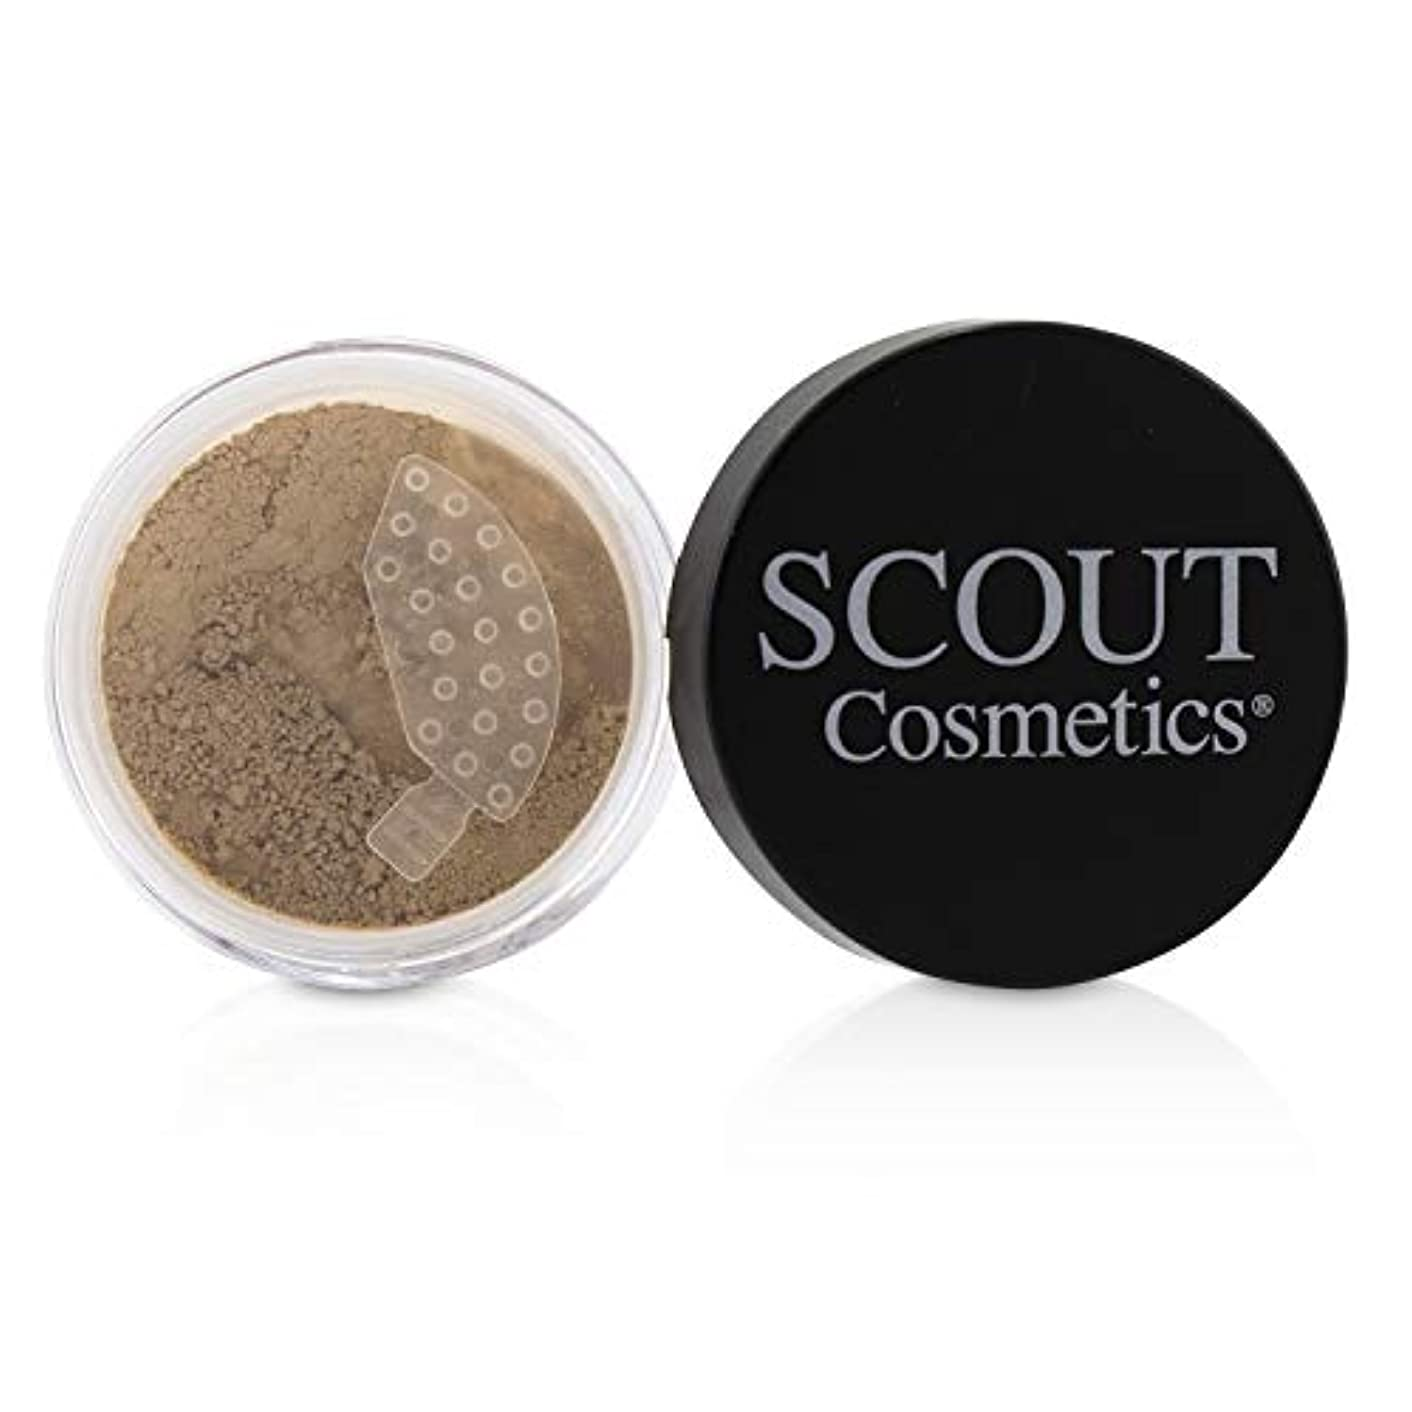 ステレオタイプ忘れっぽい出発SCOUT Cosmetics Mineral Powder Foundation SPF 20 - # Shell 8g/0.28oz並行輸入品